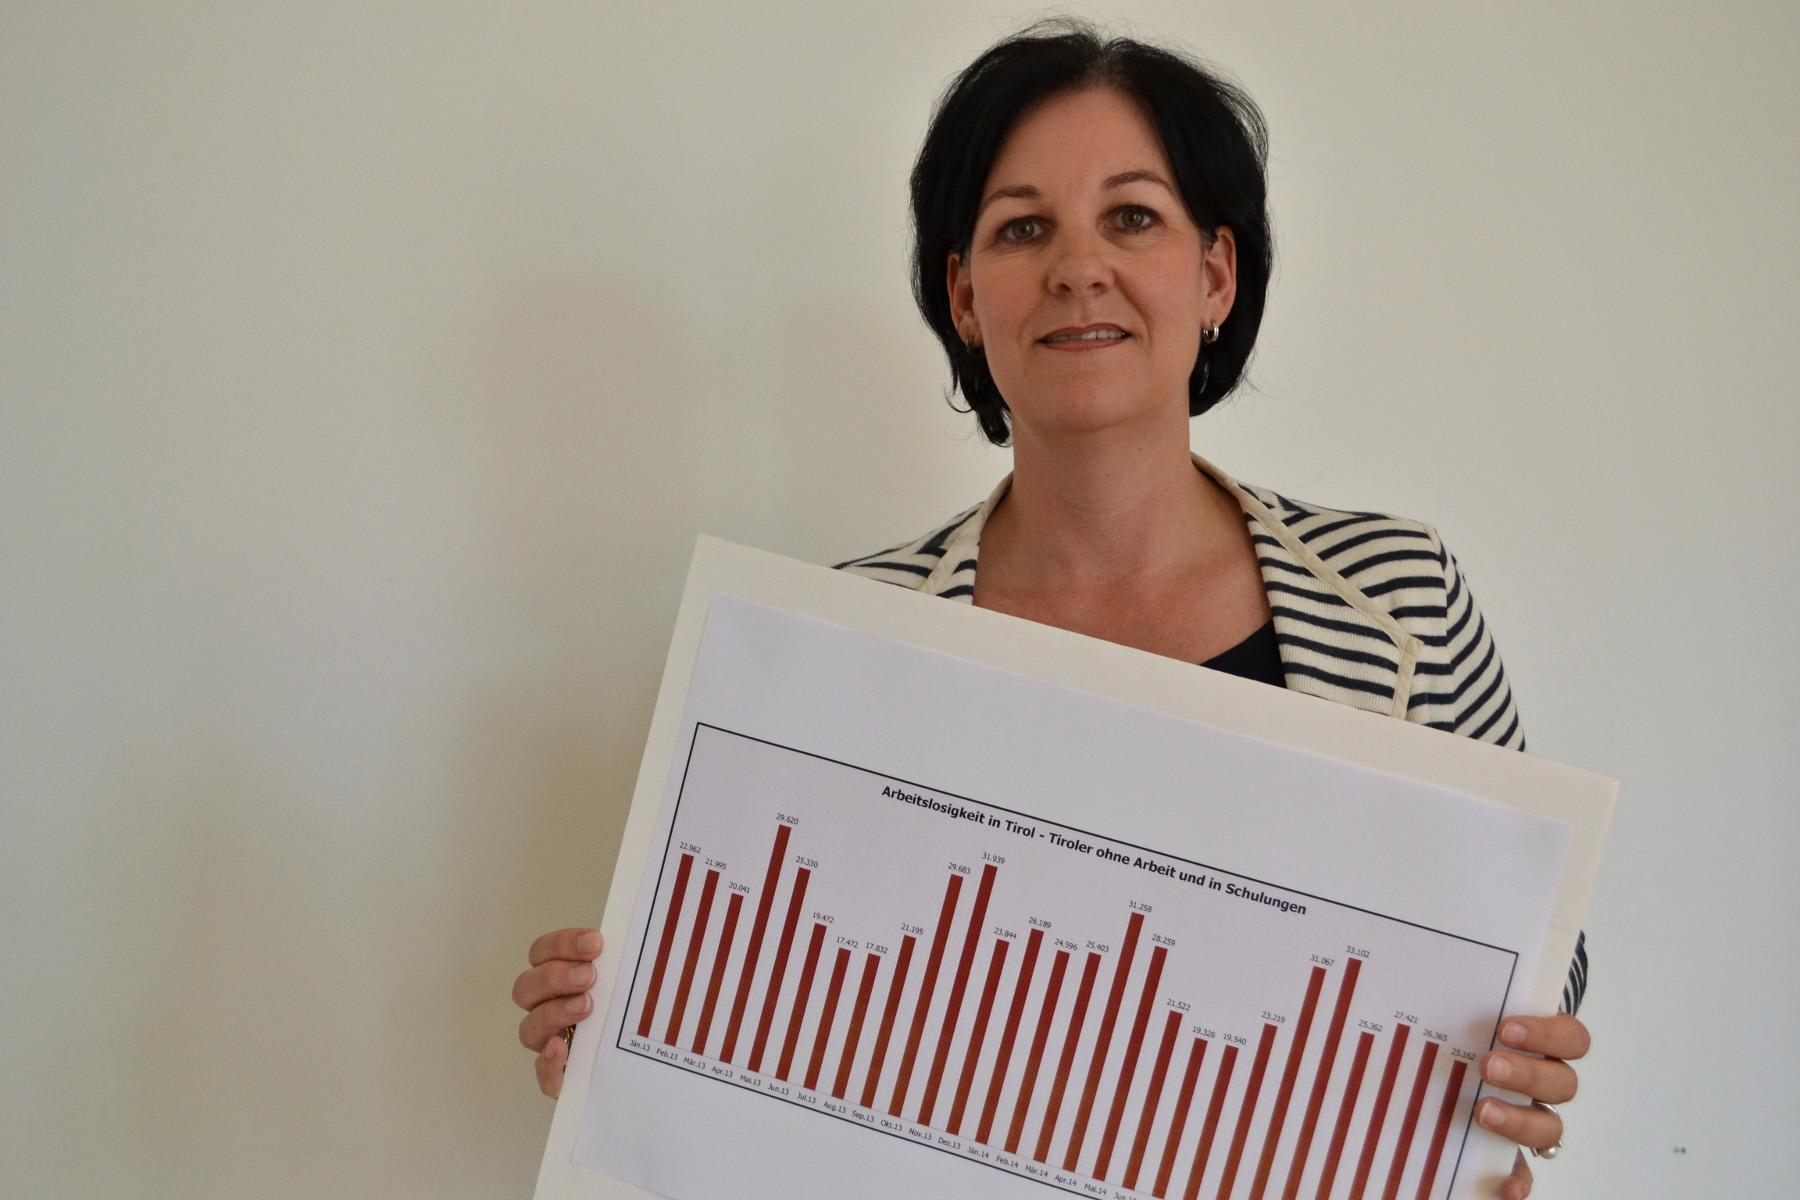 Andrea Haselwanter-Schneider mit Grafik zur Arbeitslosigkeit